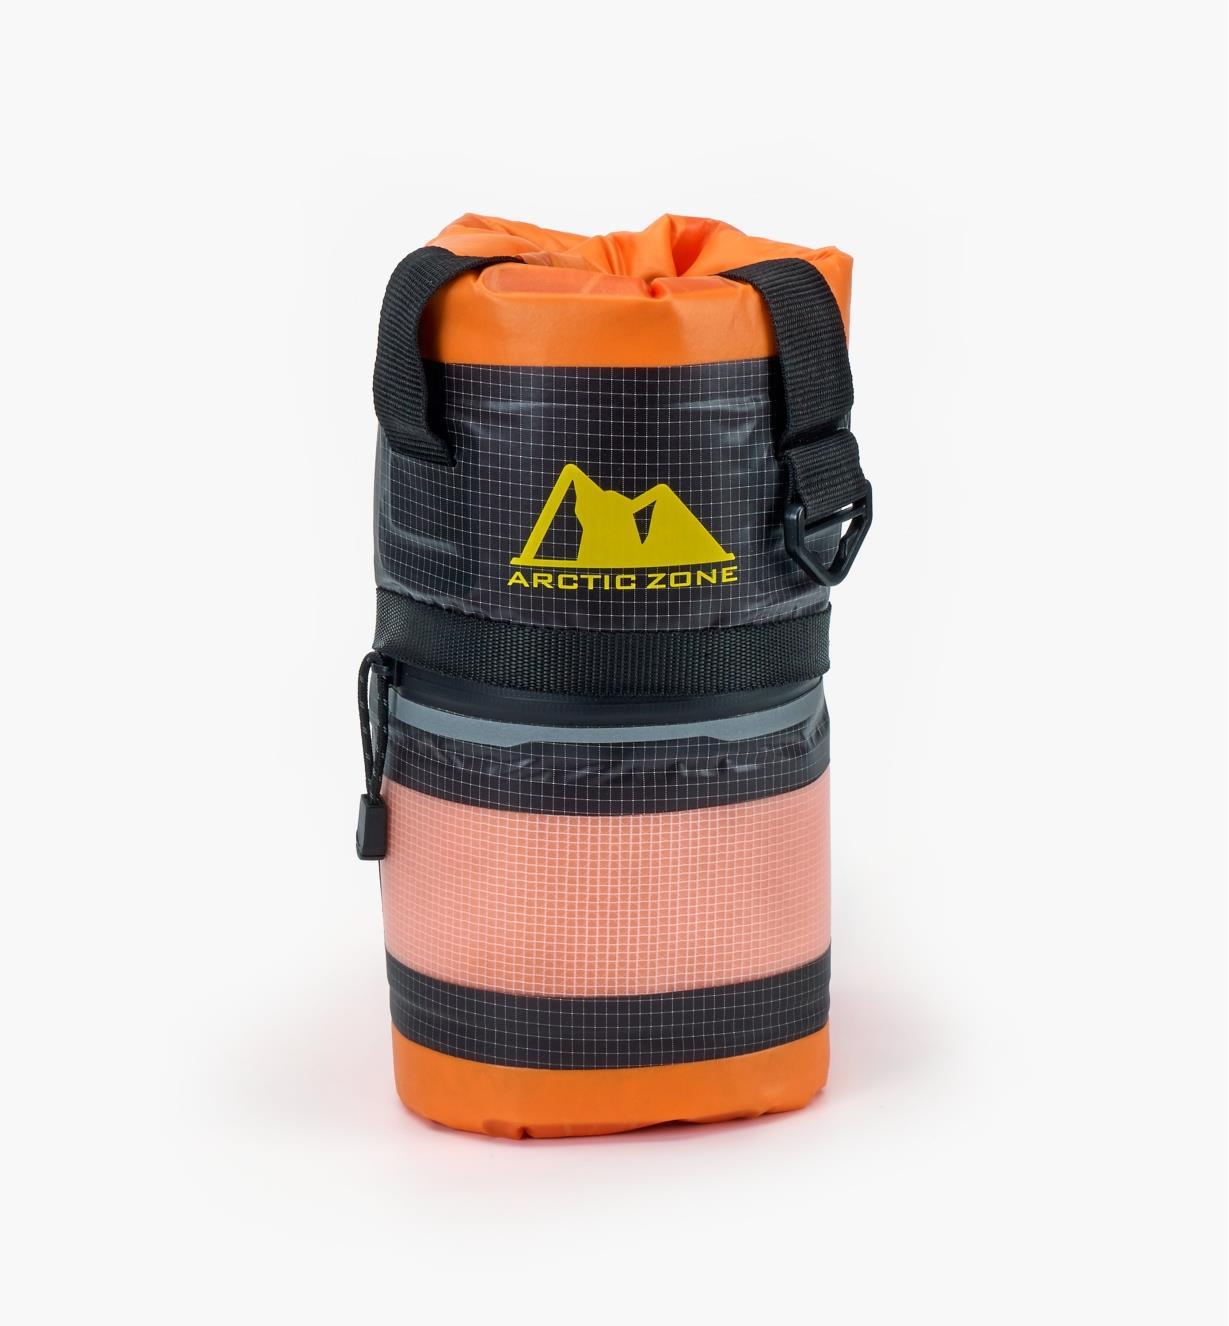 99W3933 - Glacière autogonflante, orange